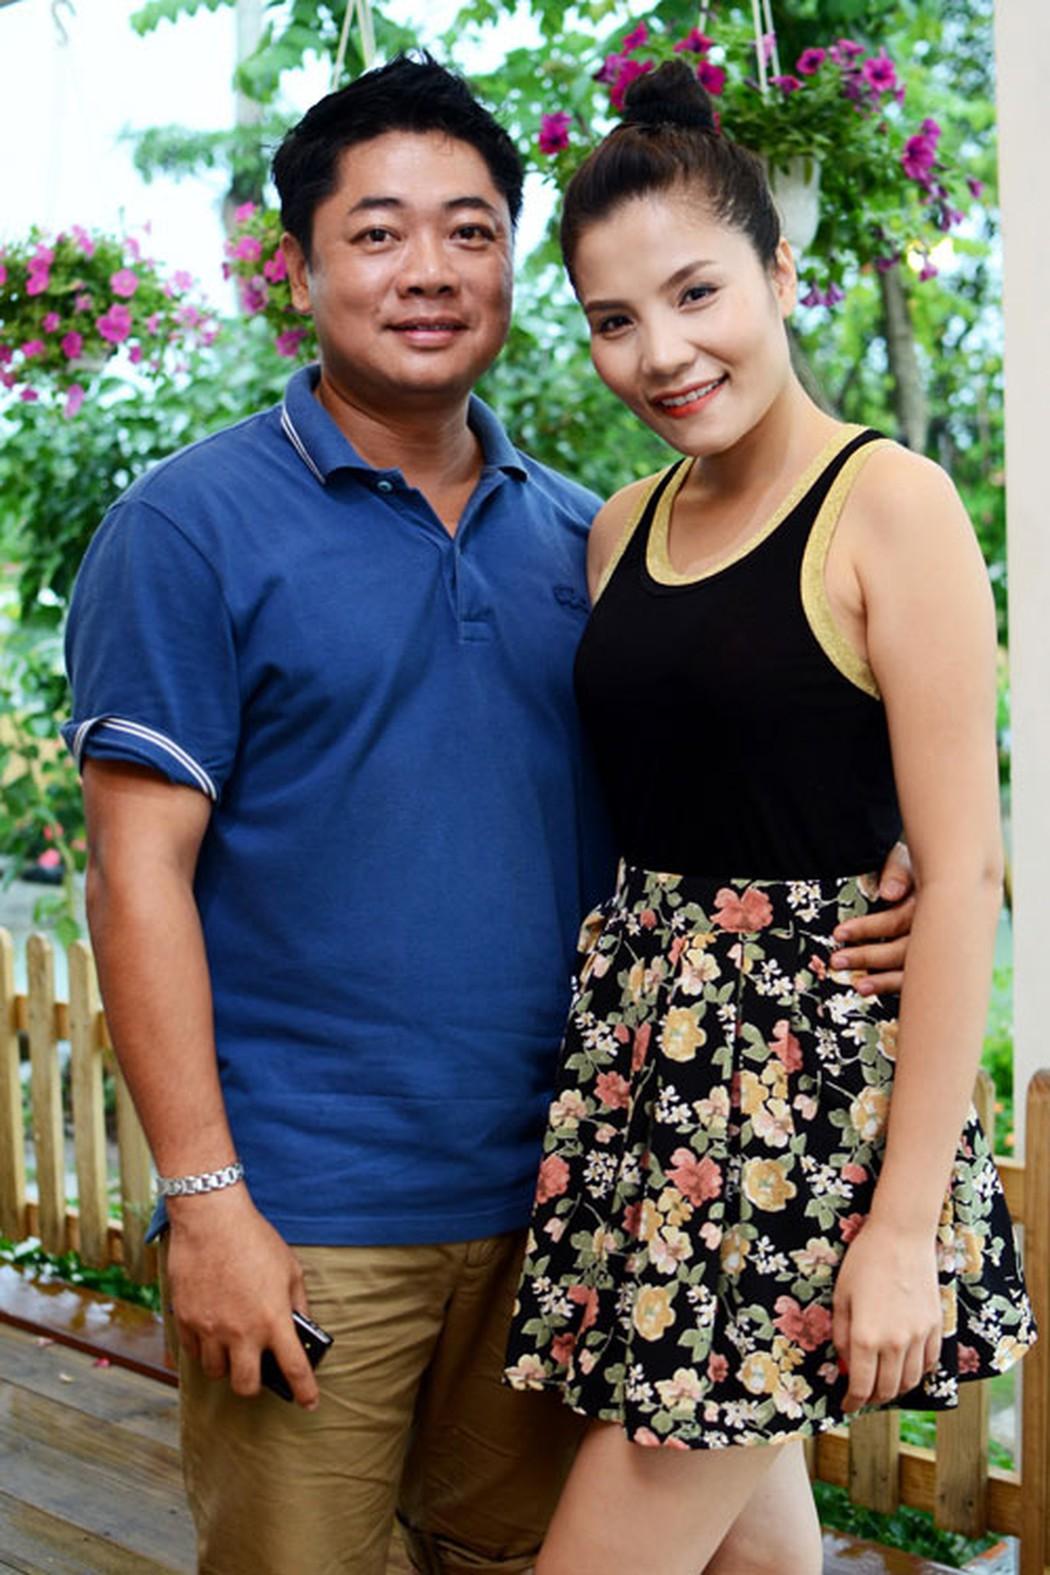 Kiwi Ngô Mai Trang tiết lộ thích sinh con và sẽ sinh thêm con thứ tư - Ảnh 3